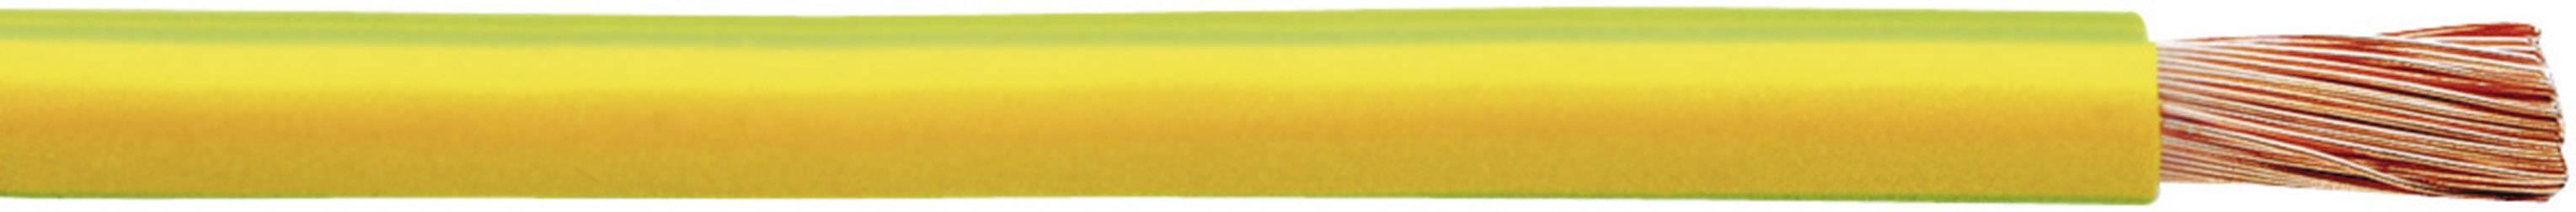 Opletenie / lanko Faber Kabel 040213 H07V-K, 1 x 2.50 mm², vonkajší Ø 3.40 mm, 100 m, tmavomodrá